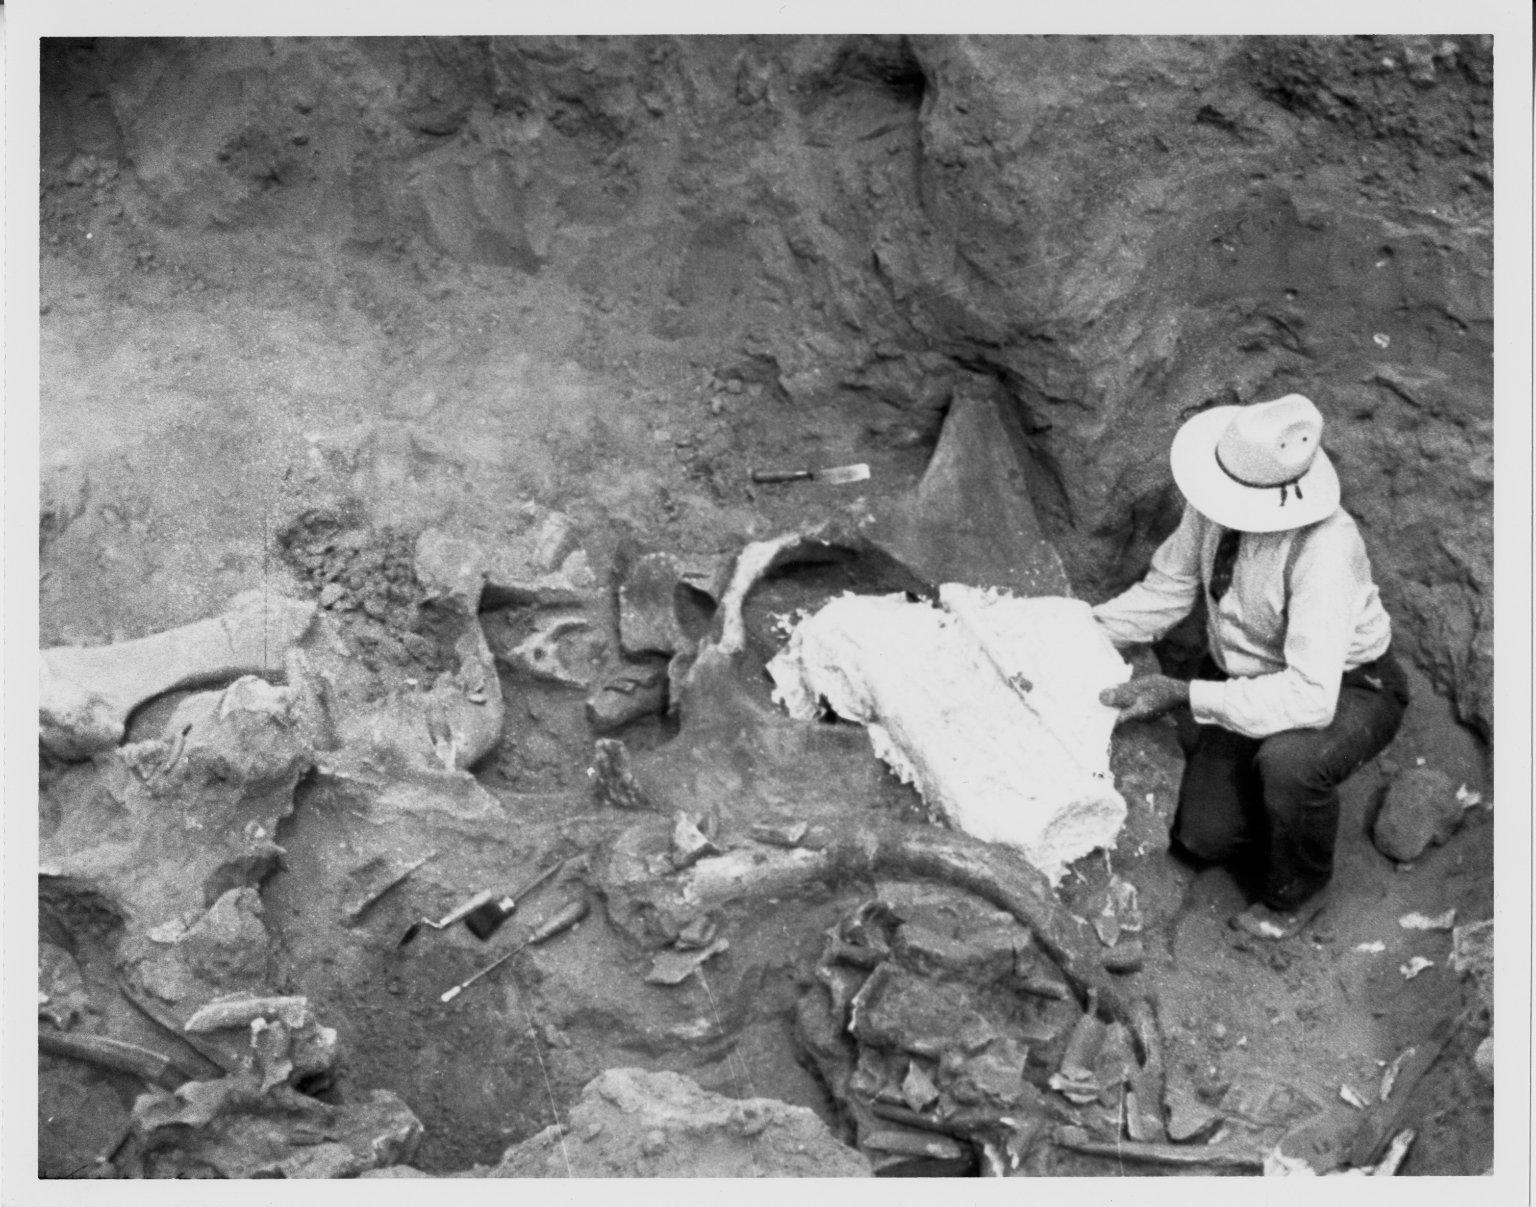 Plastering Fossil In Situ